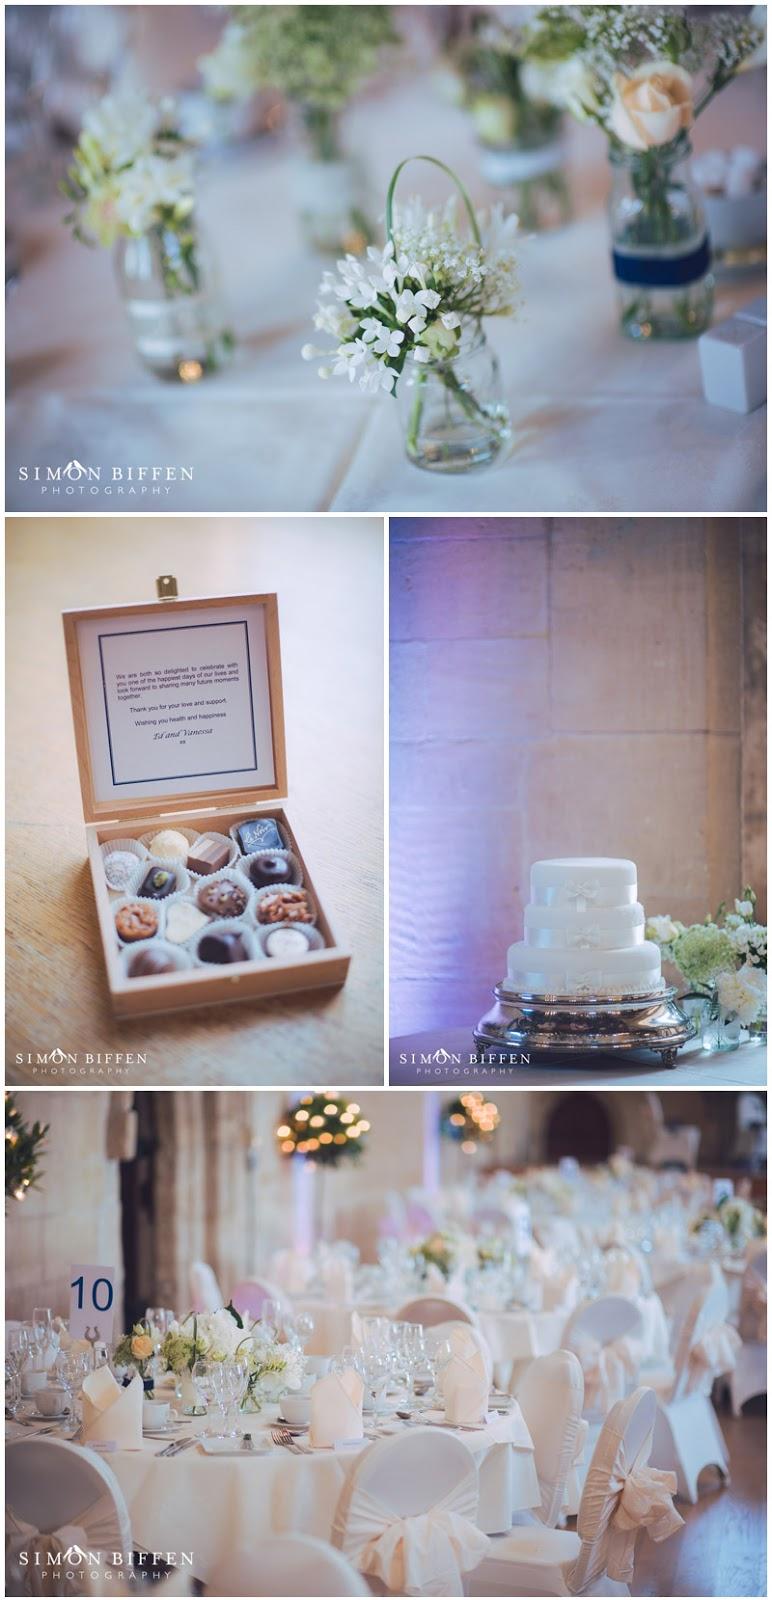 St Donat's Castle wedding reception details